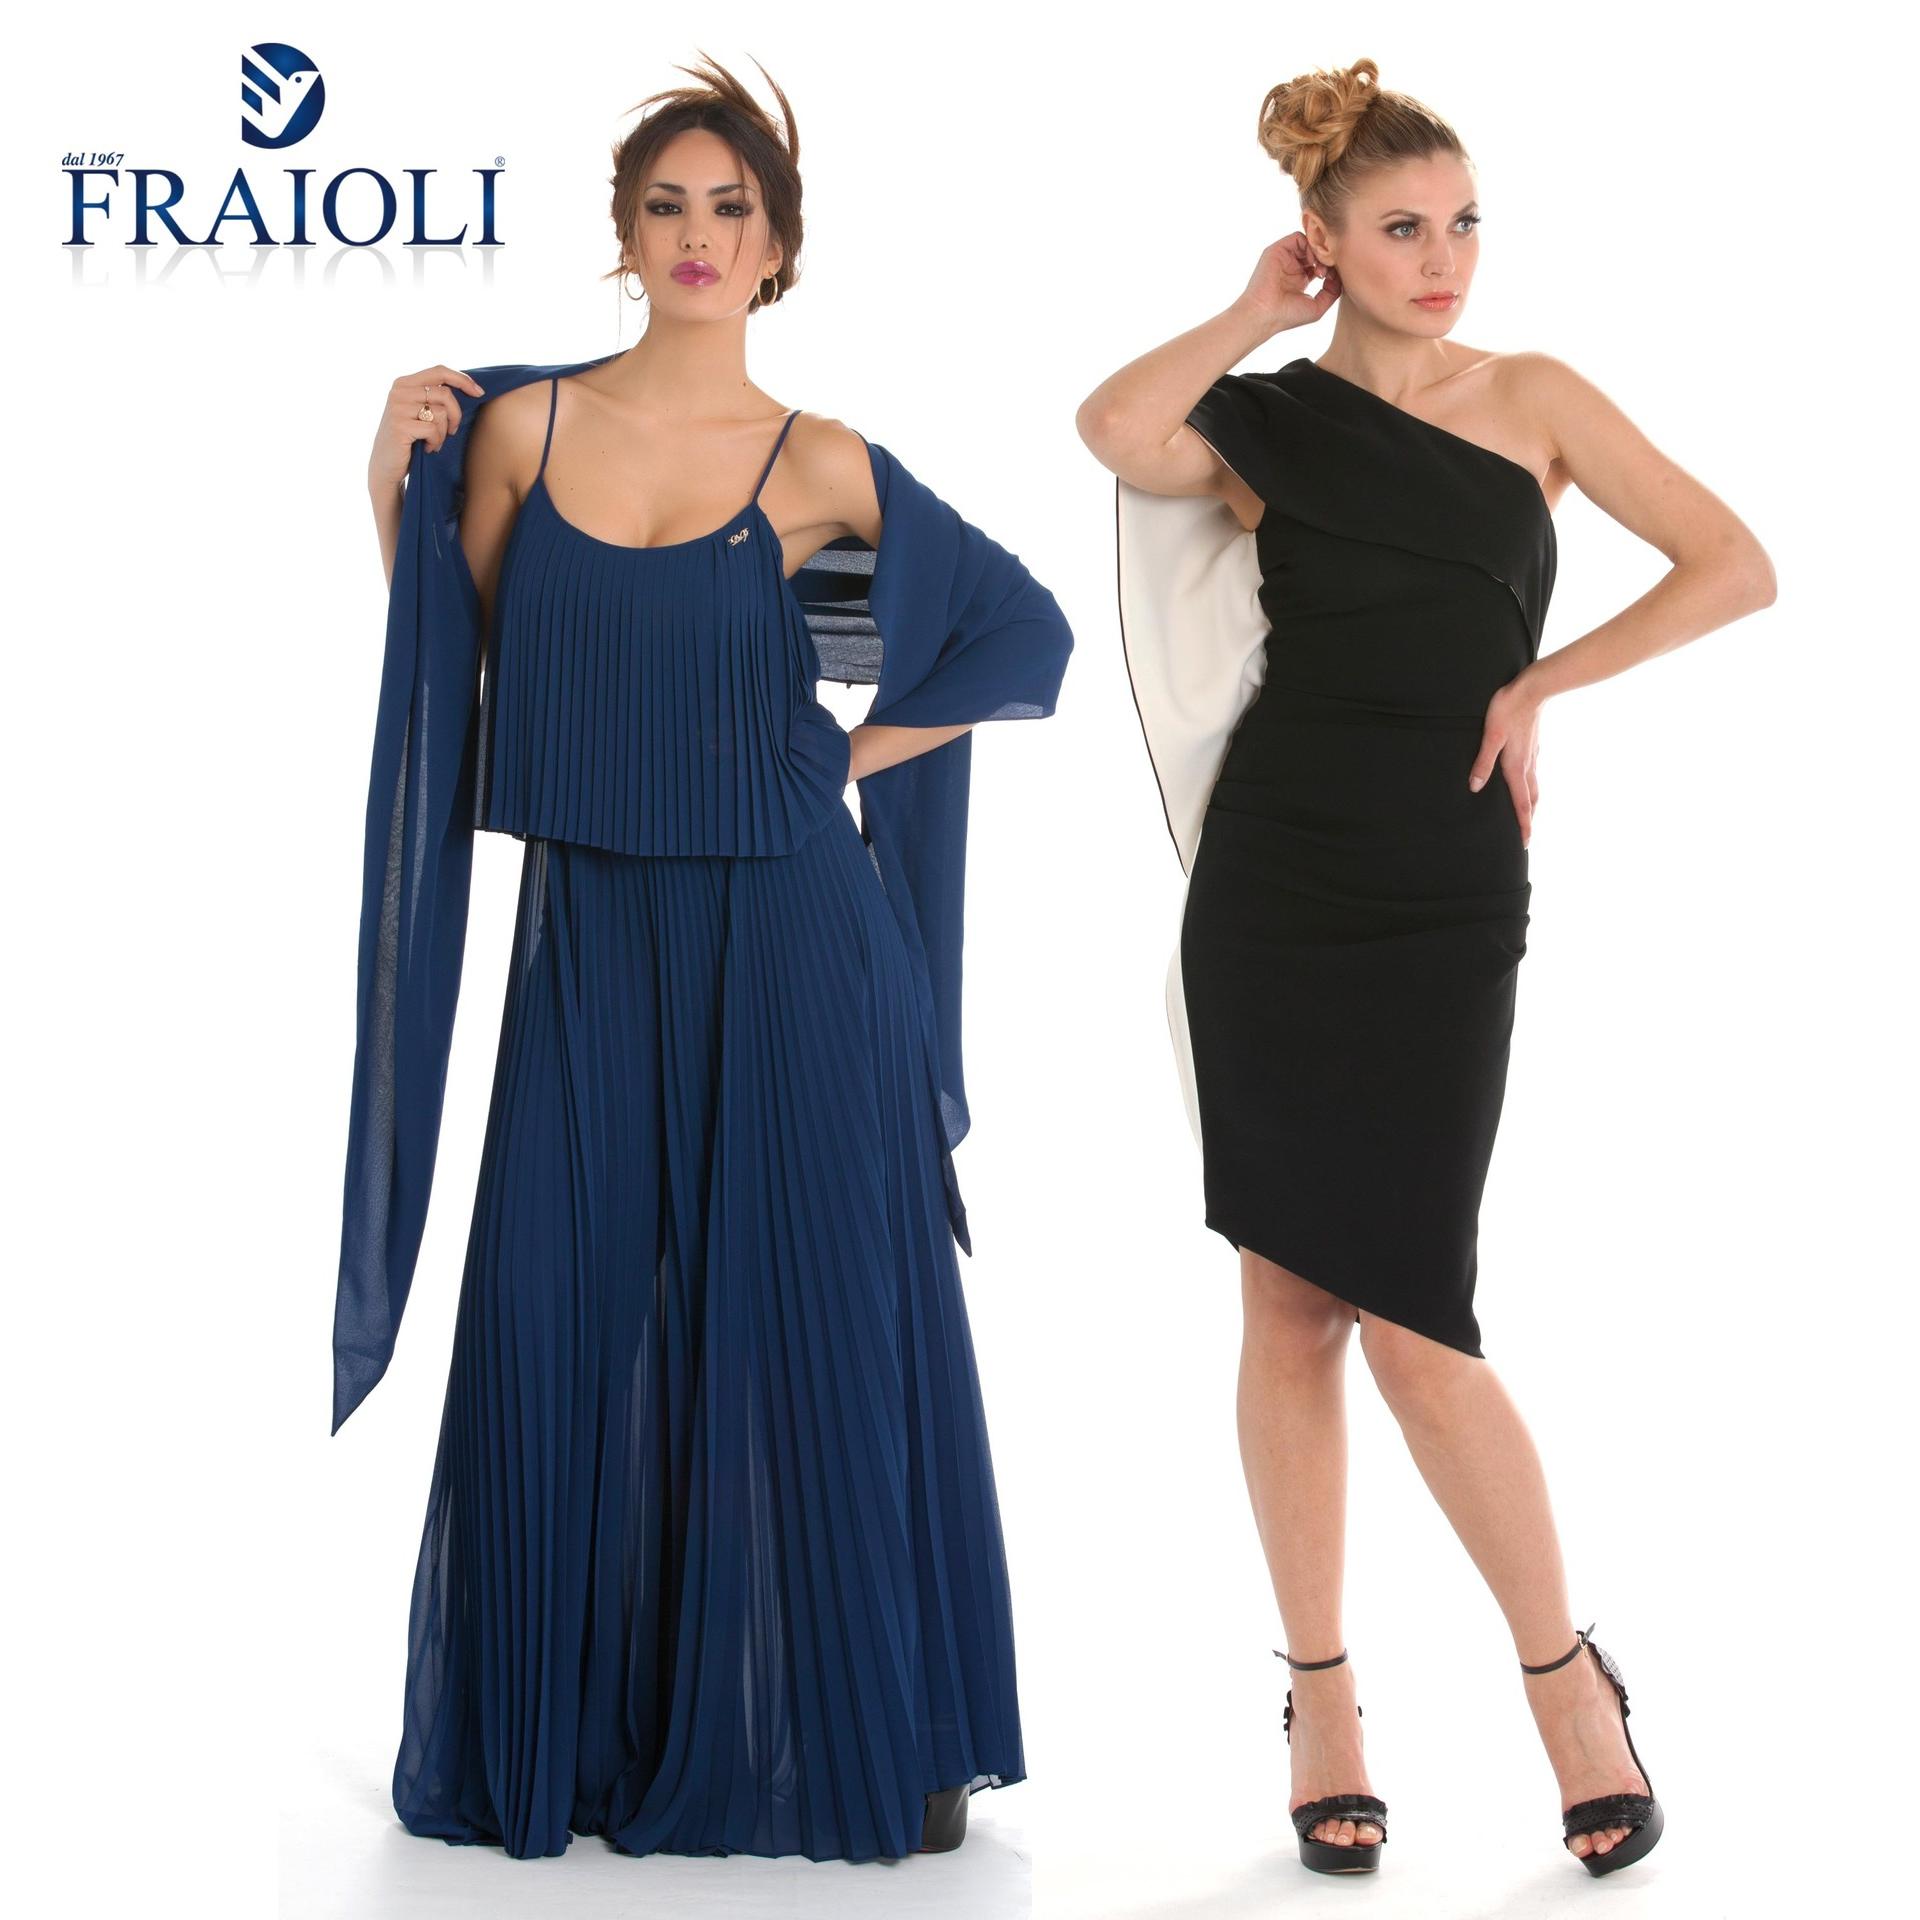 online store 4eff8 a6021 Cerimonia 2016 – Fraioli Abbigliamento – Roccasecca